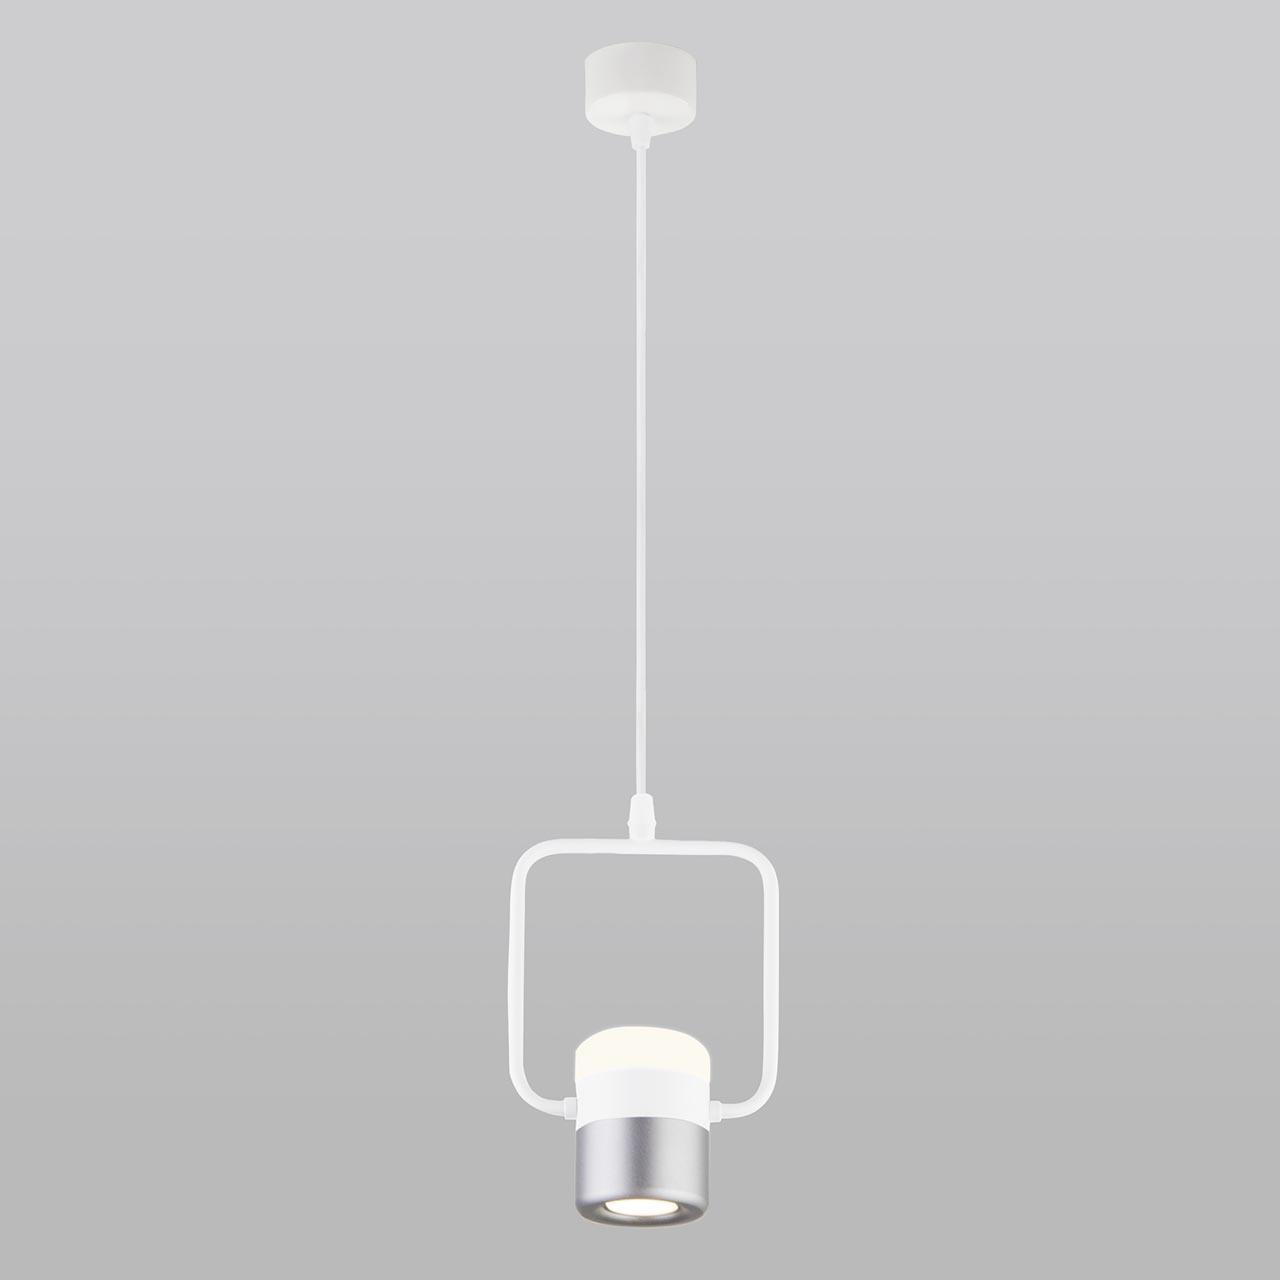 Elektrostandard 50165:1 LED